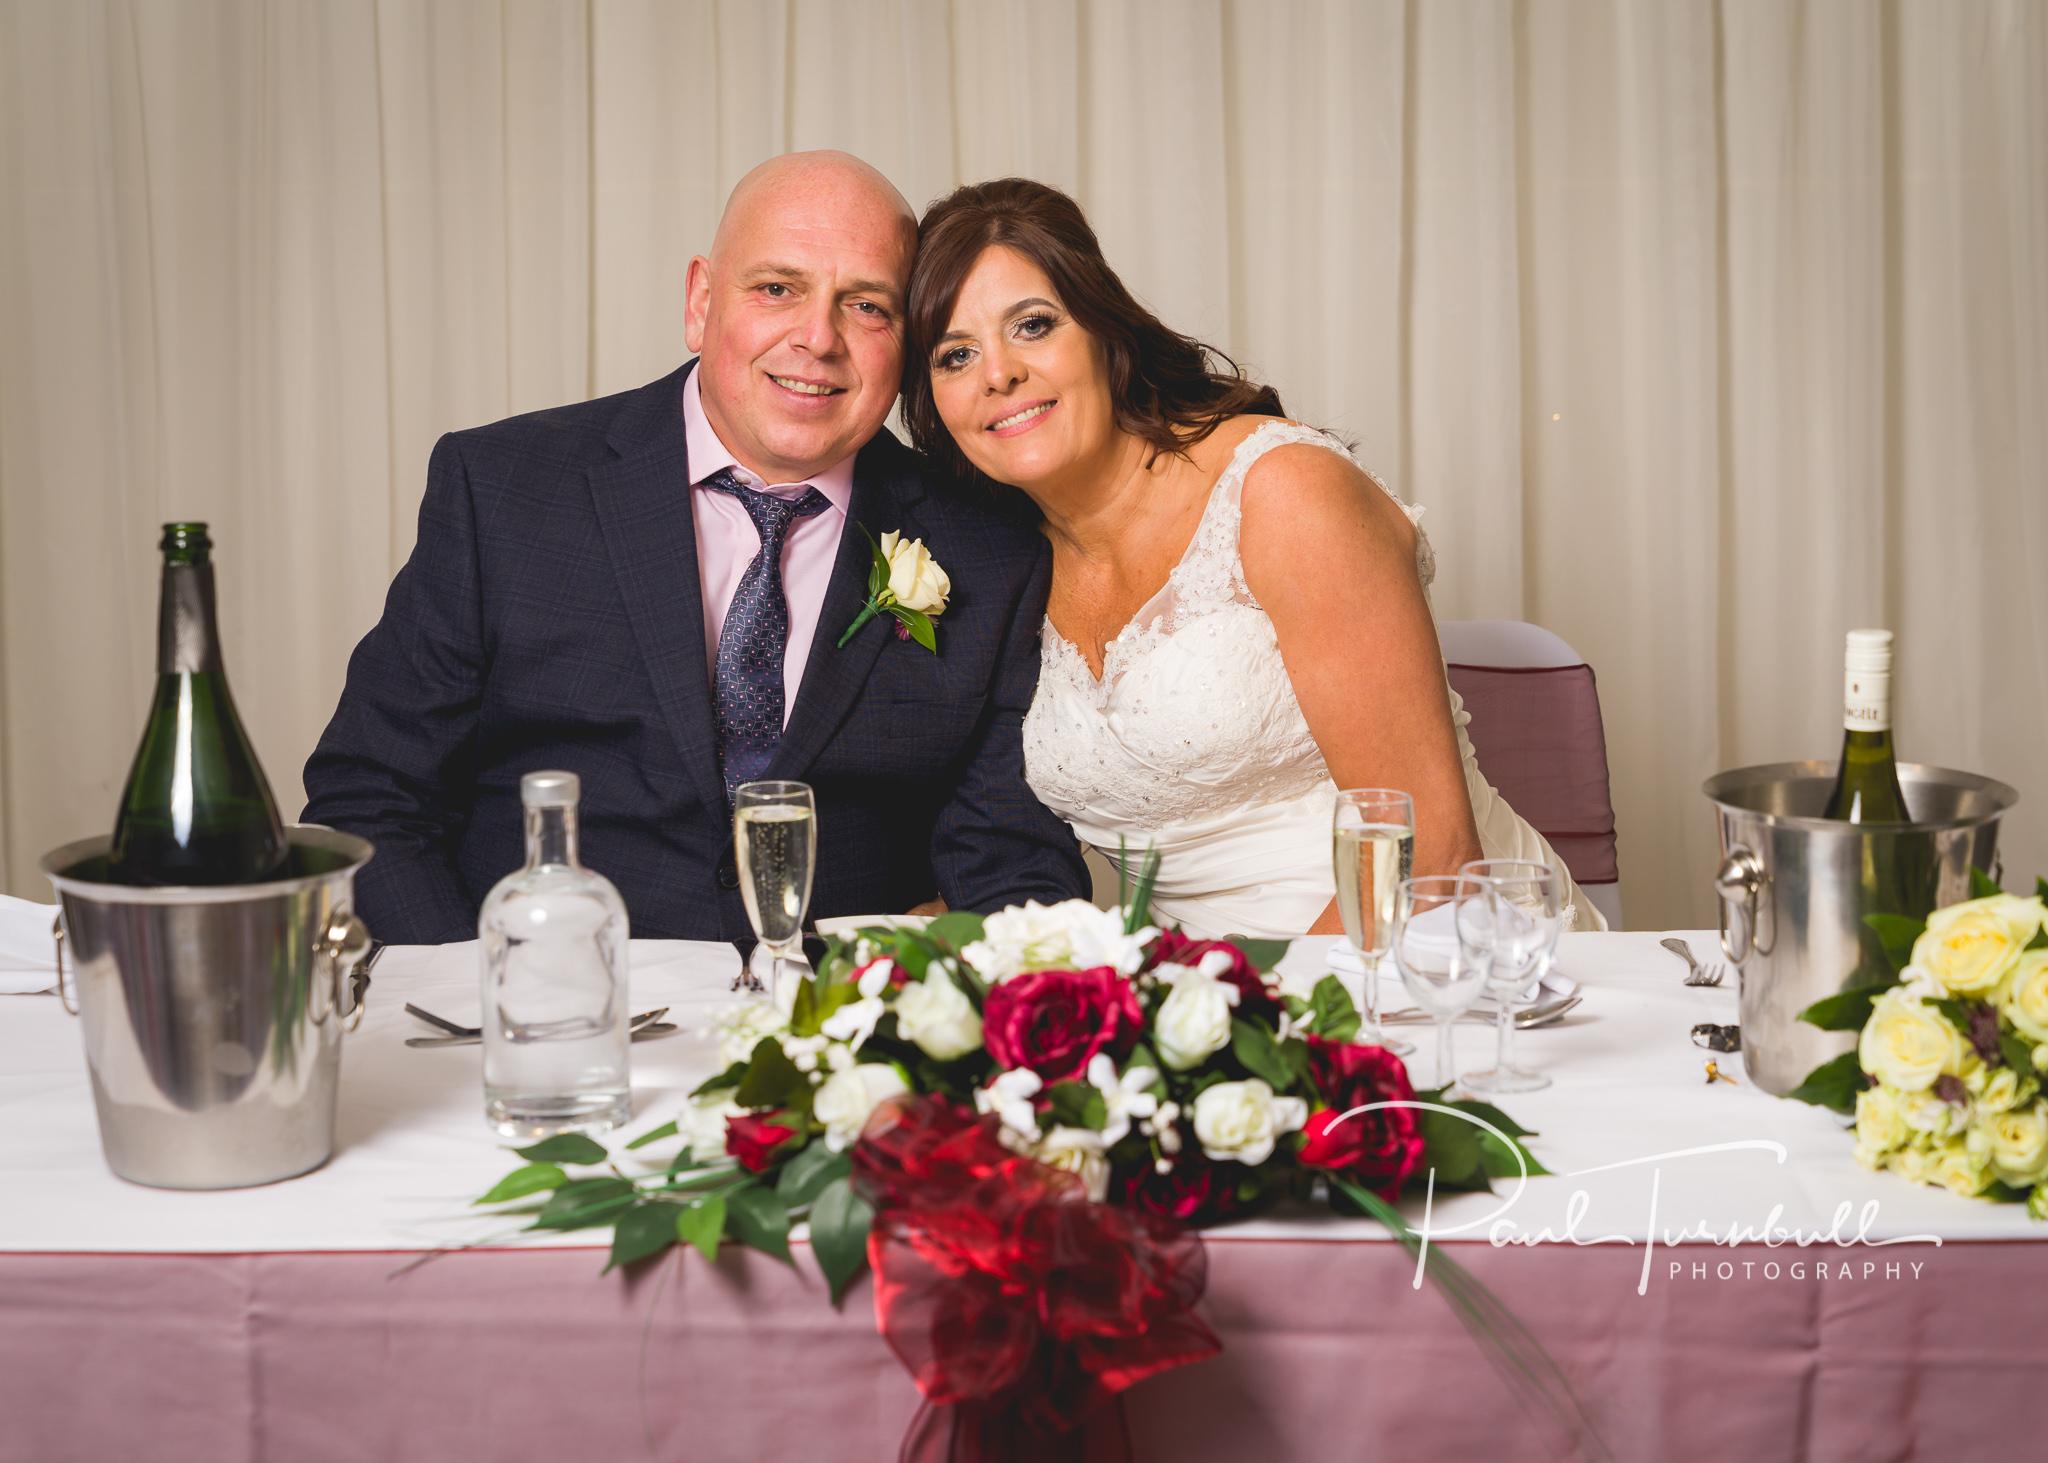 wedding-photographer-leeds-holiday-inn-garforth-063.jpg